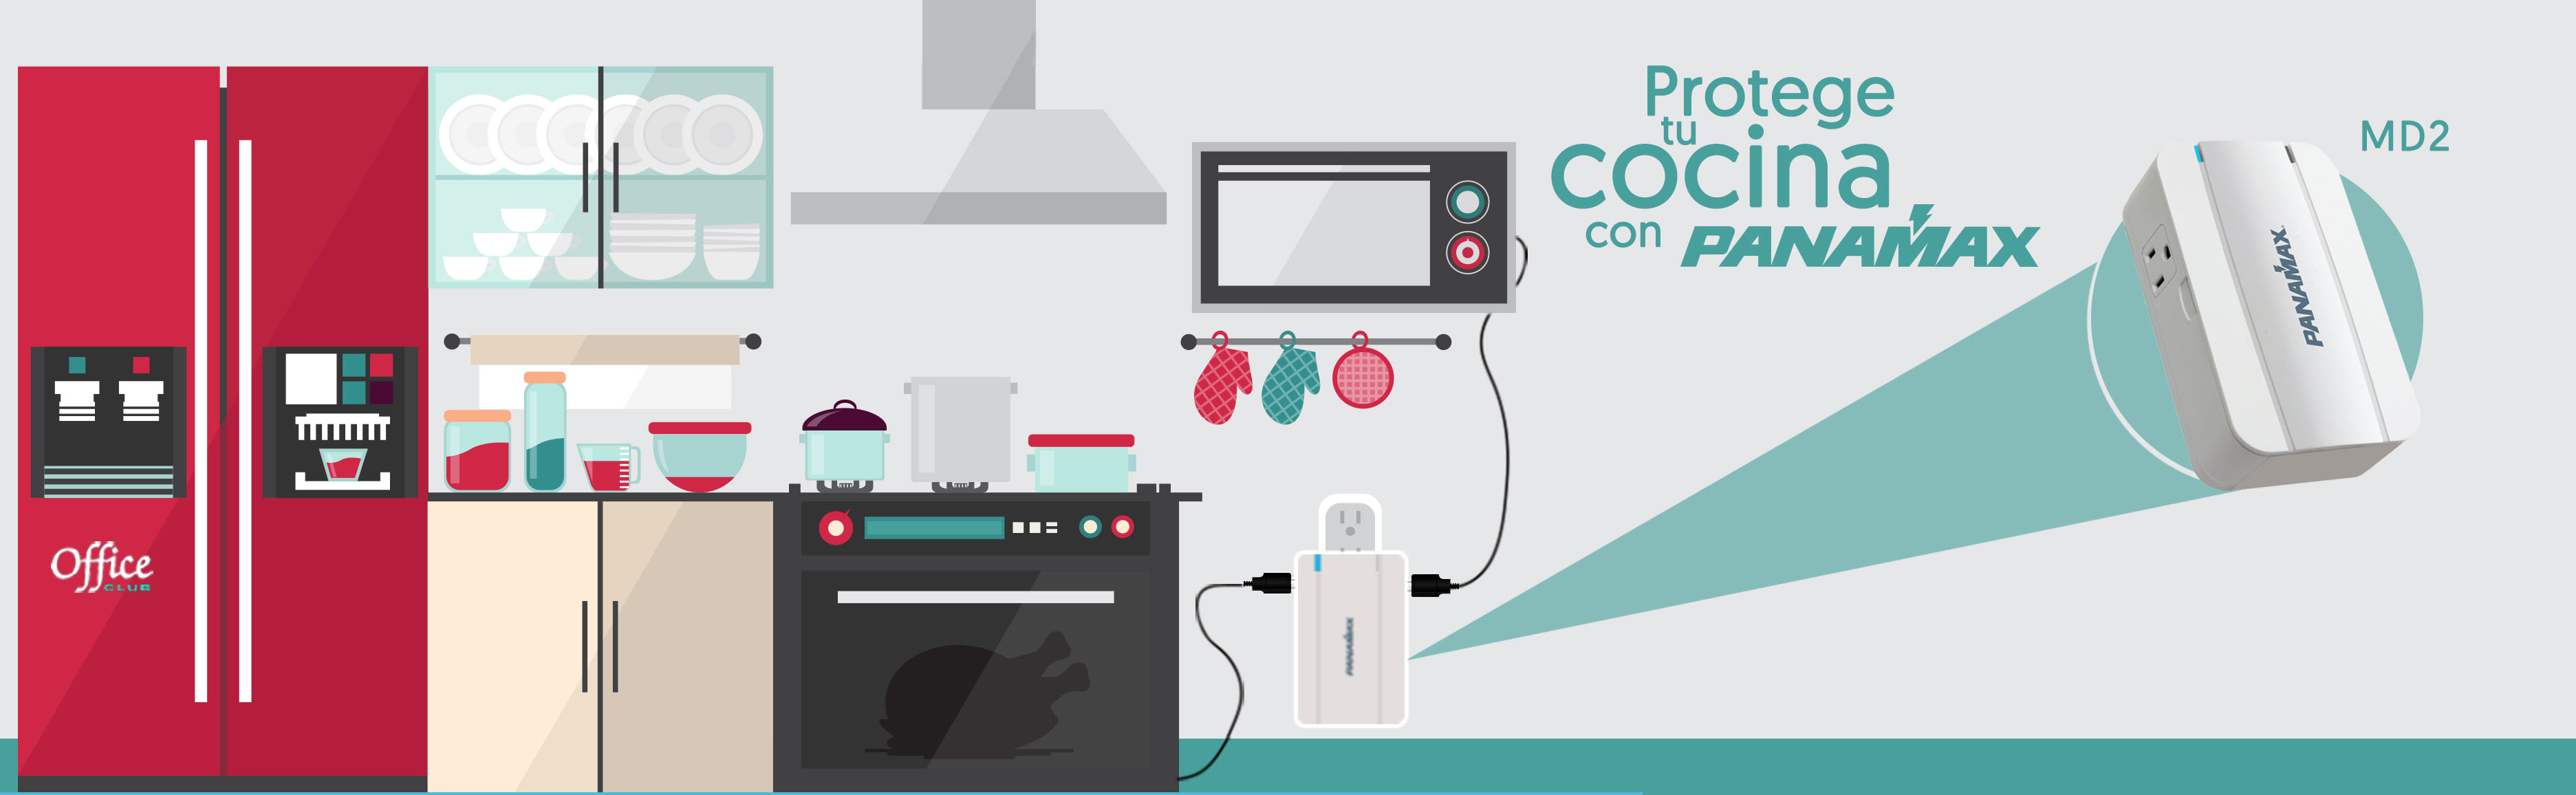 Panamax Corporation of Guatemala